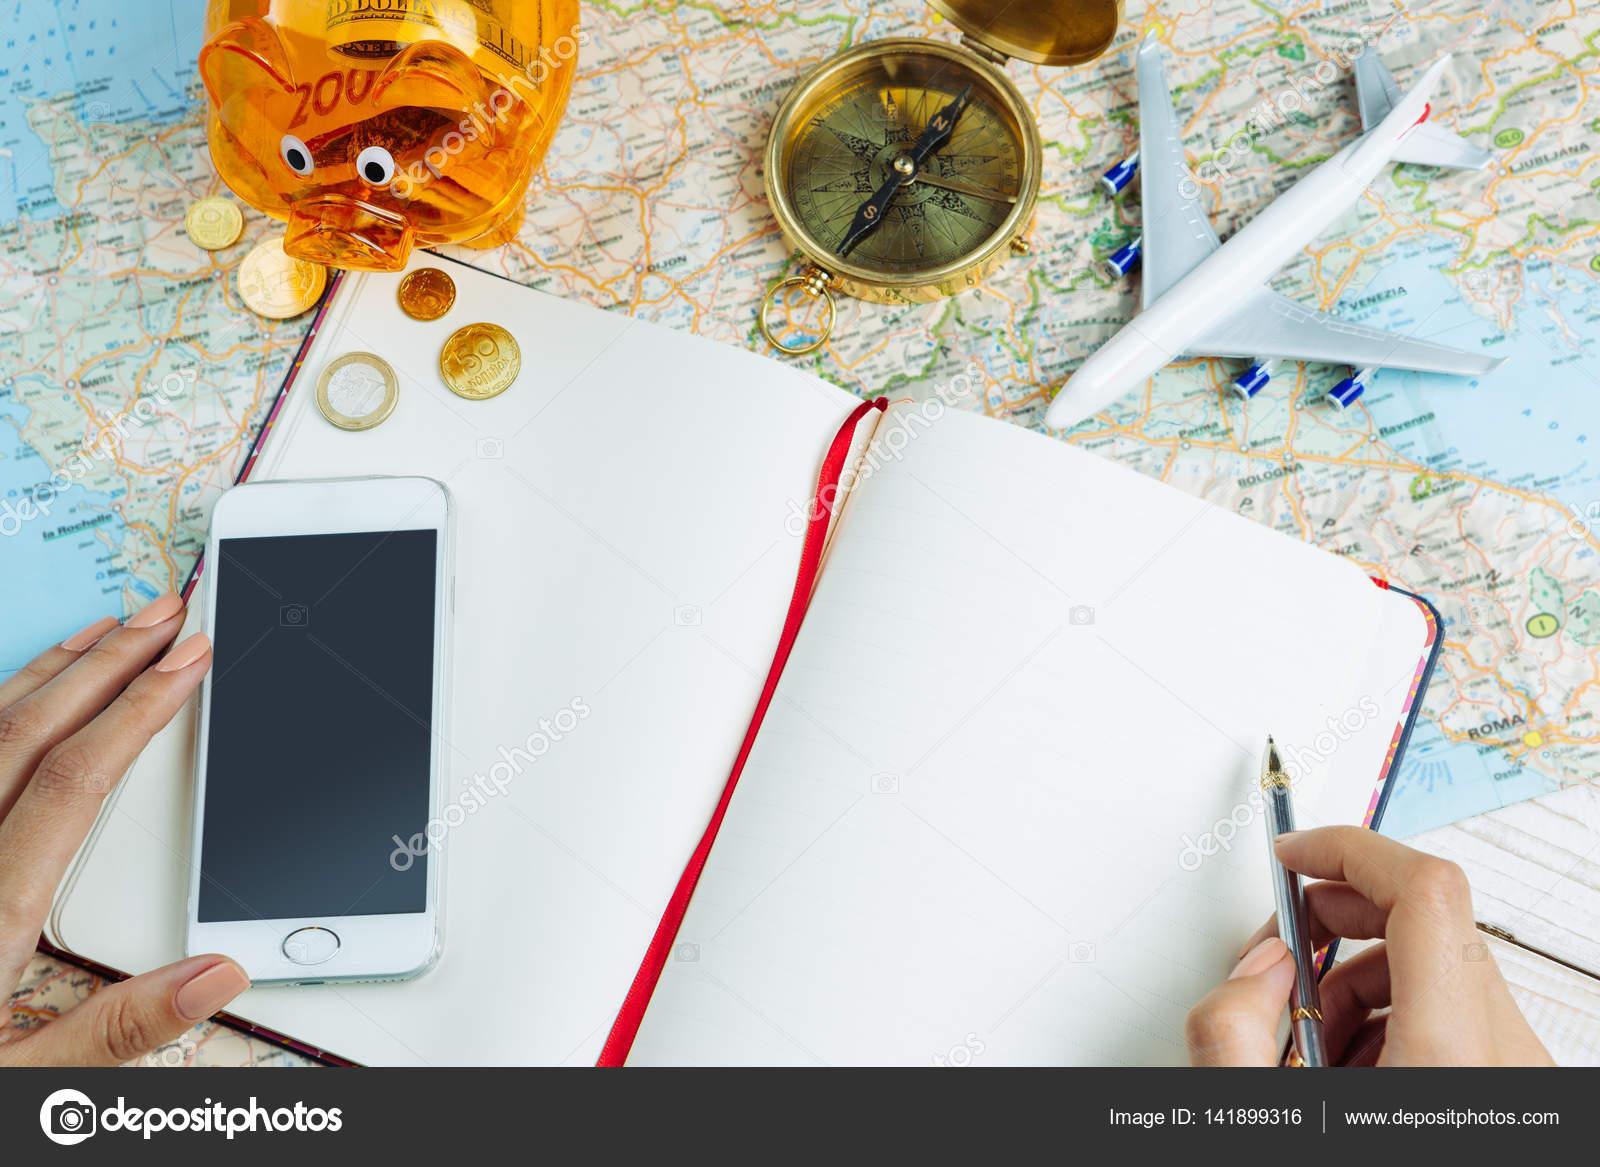 Geld sparen und Reiseplanung — Stockfoto © Flydragonfly #141899316